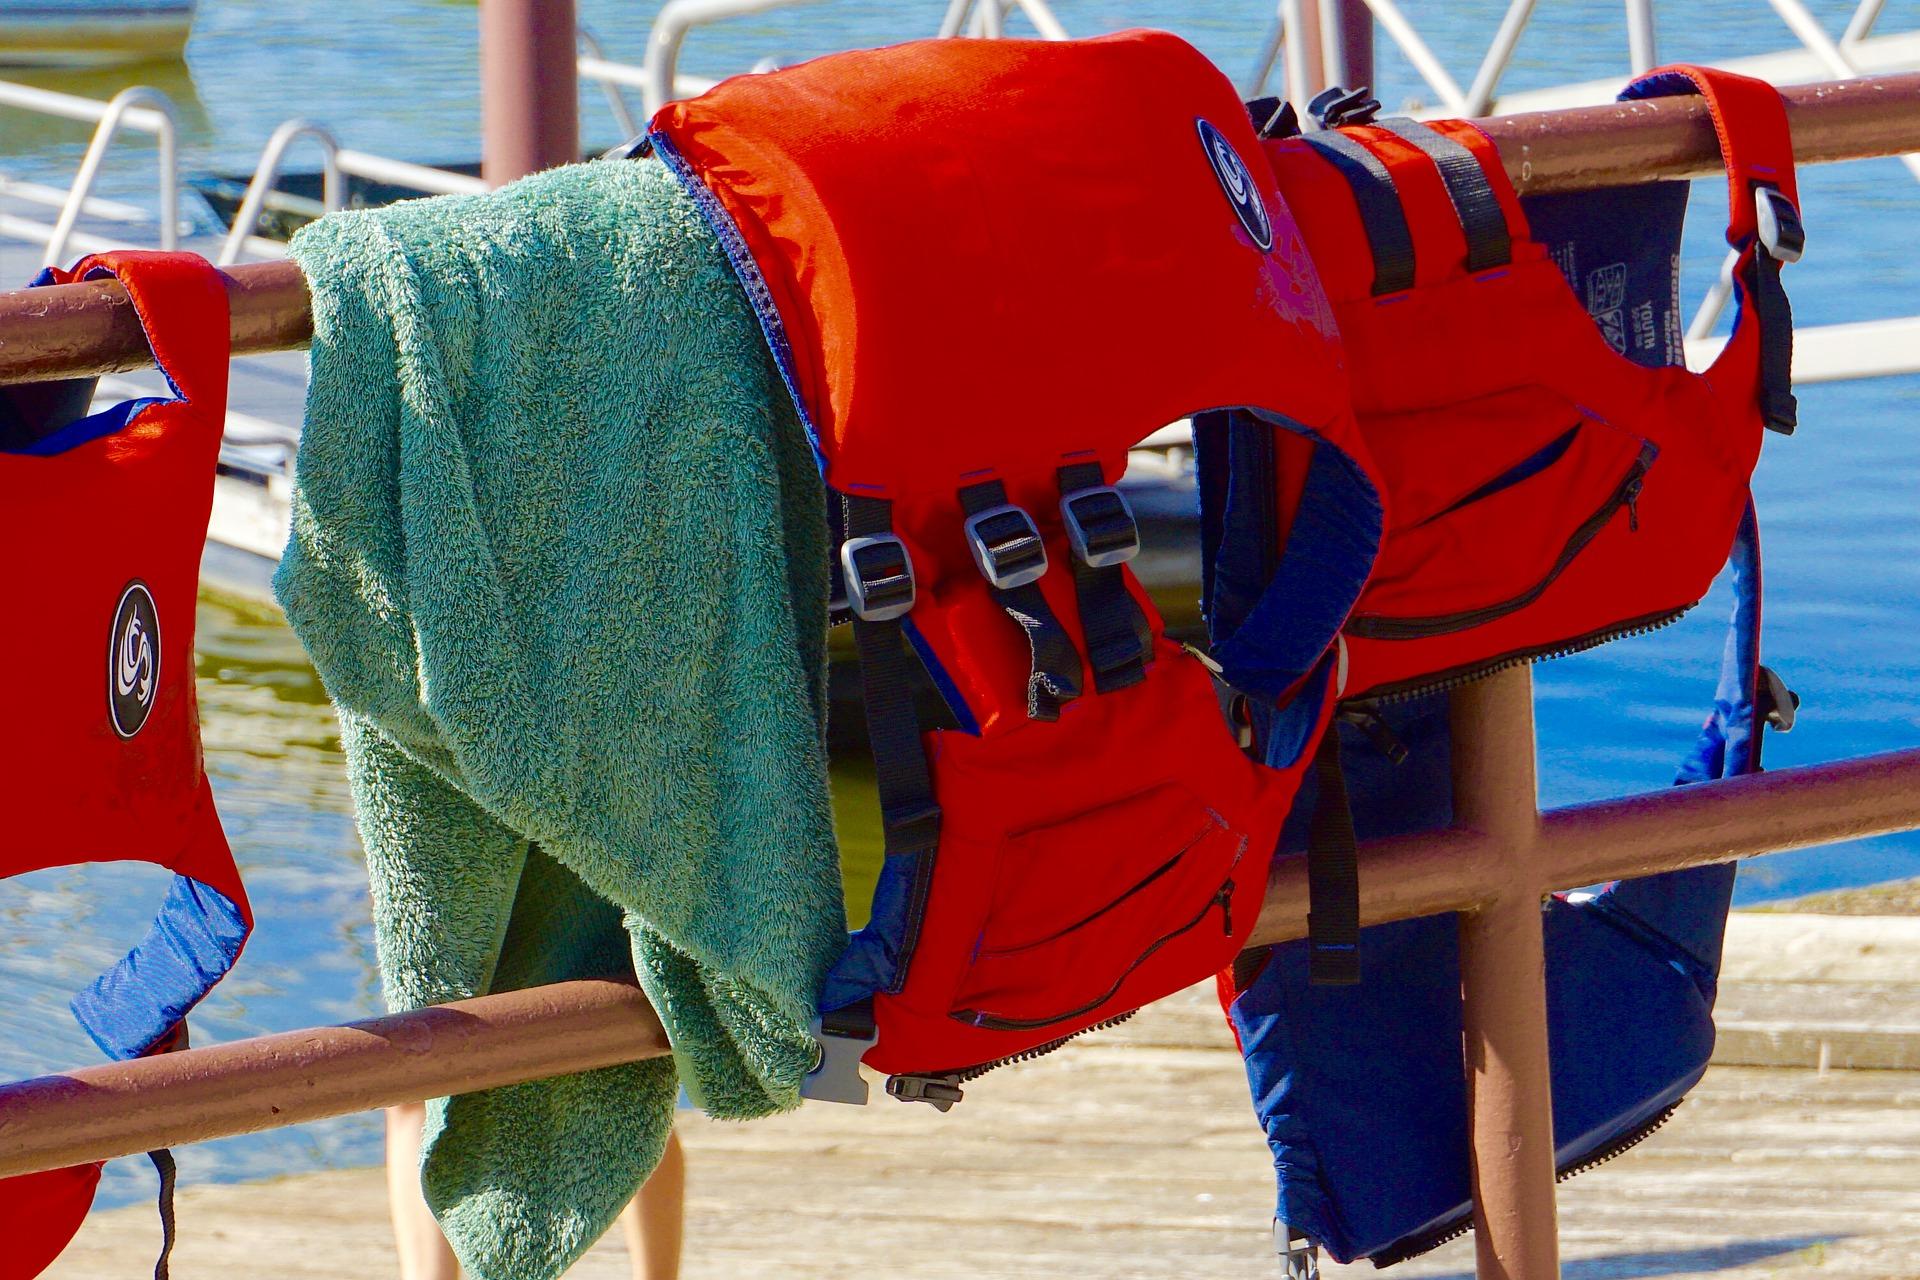 life-jacket-1543422_1920